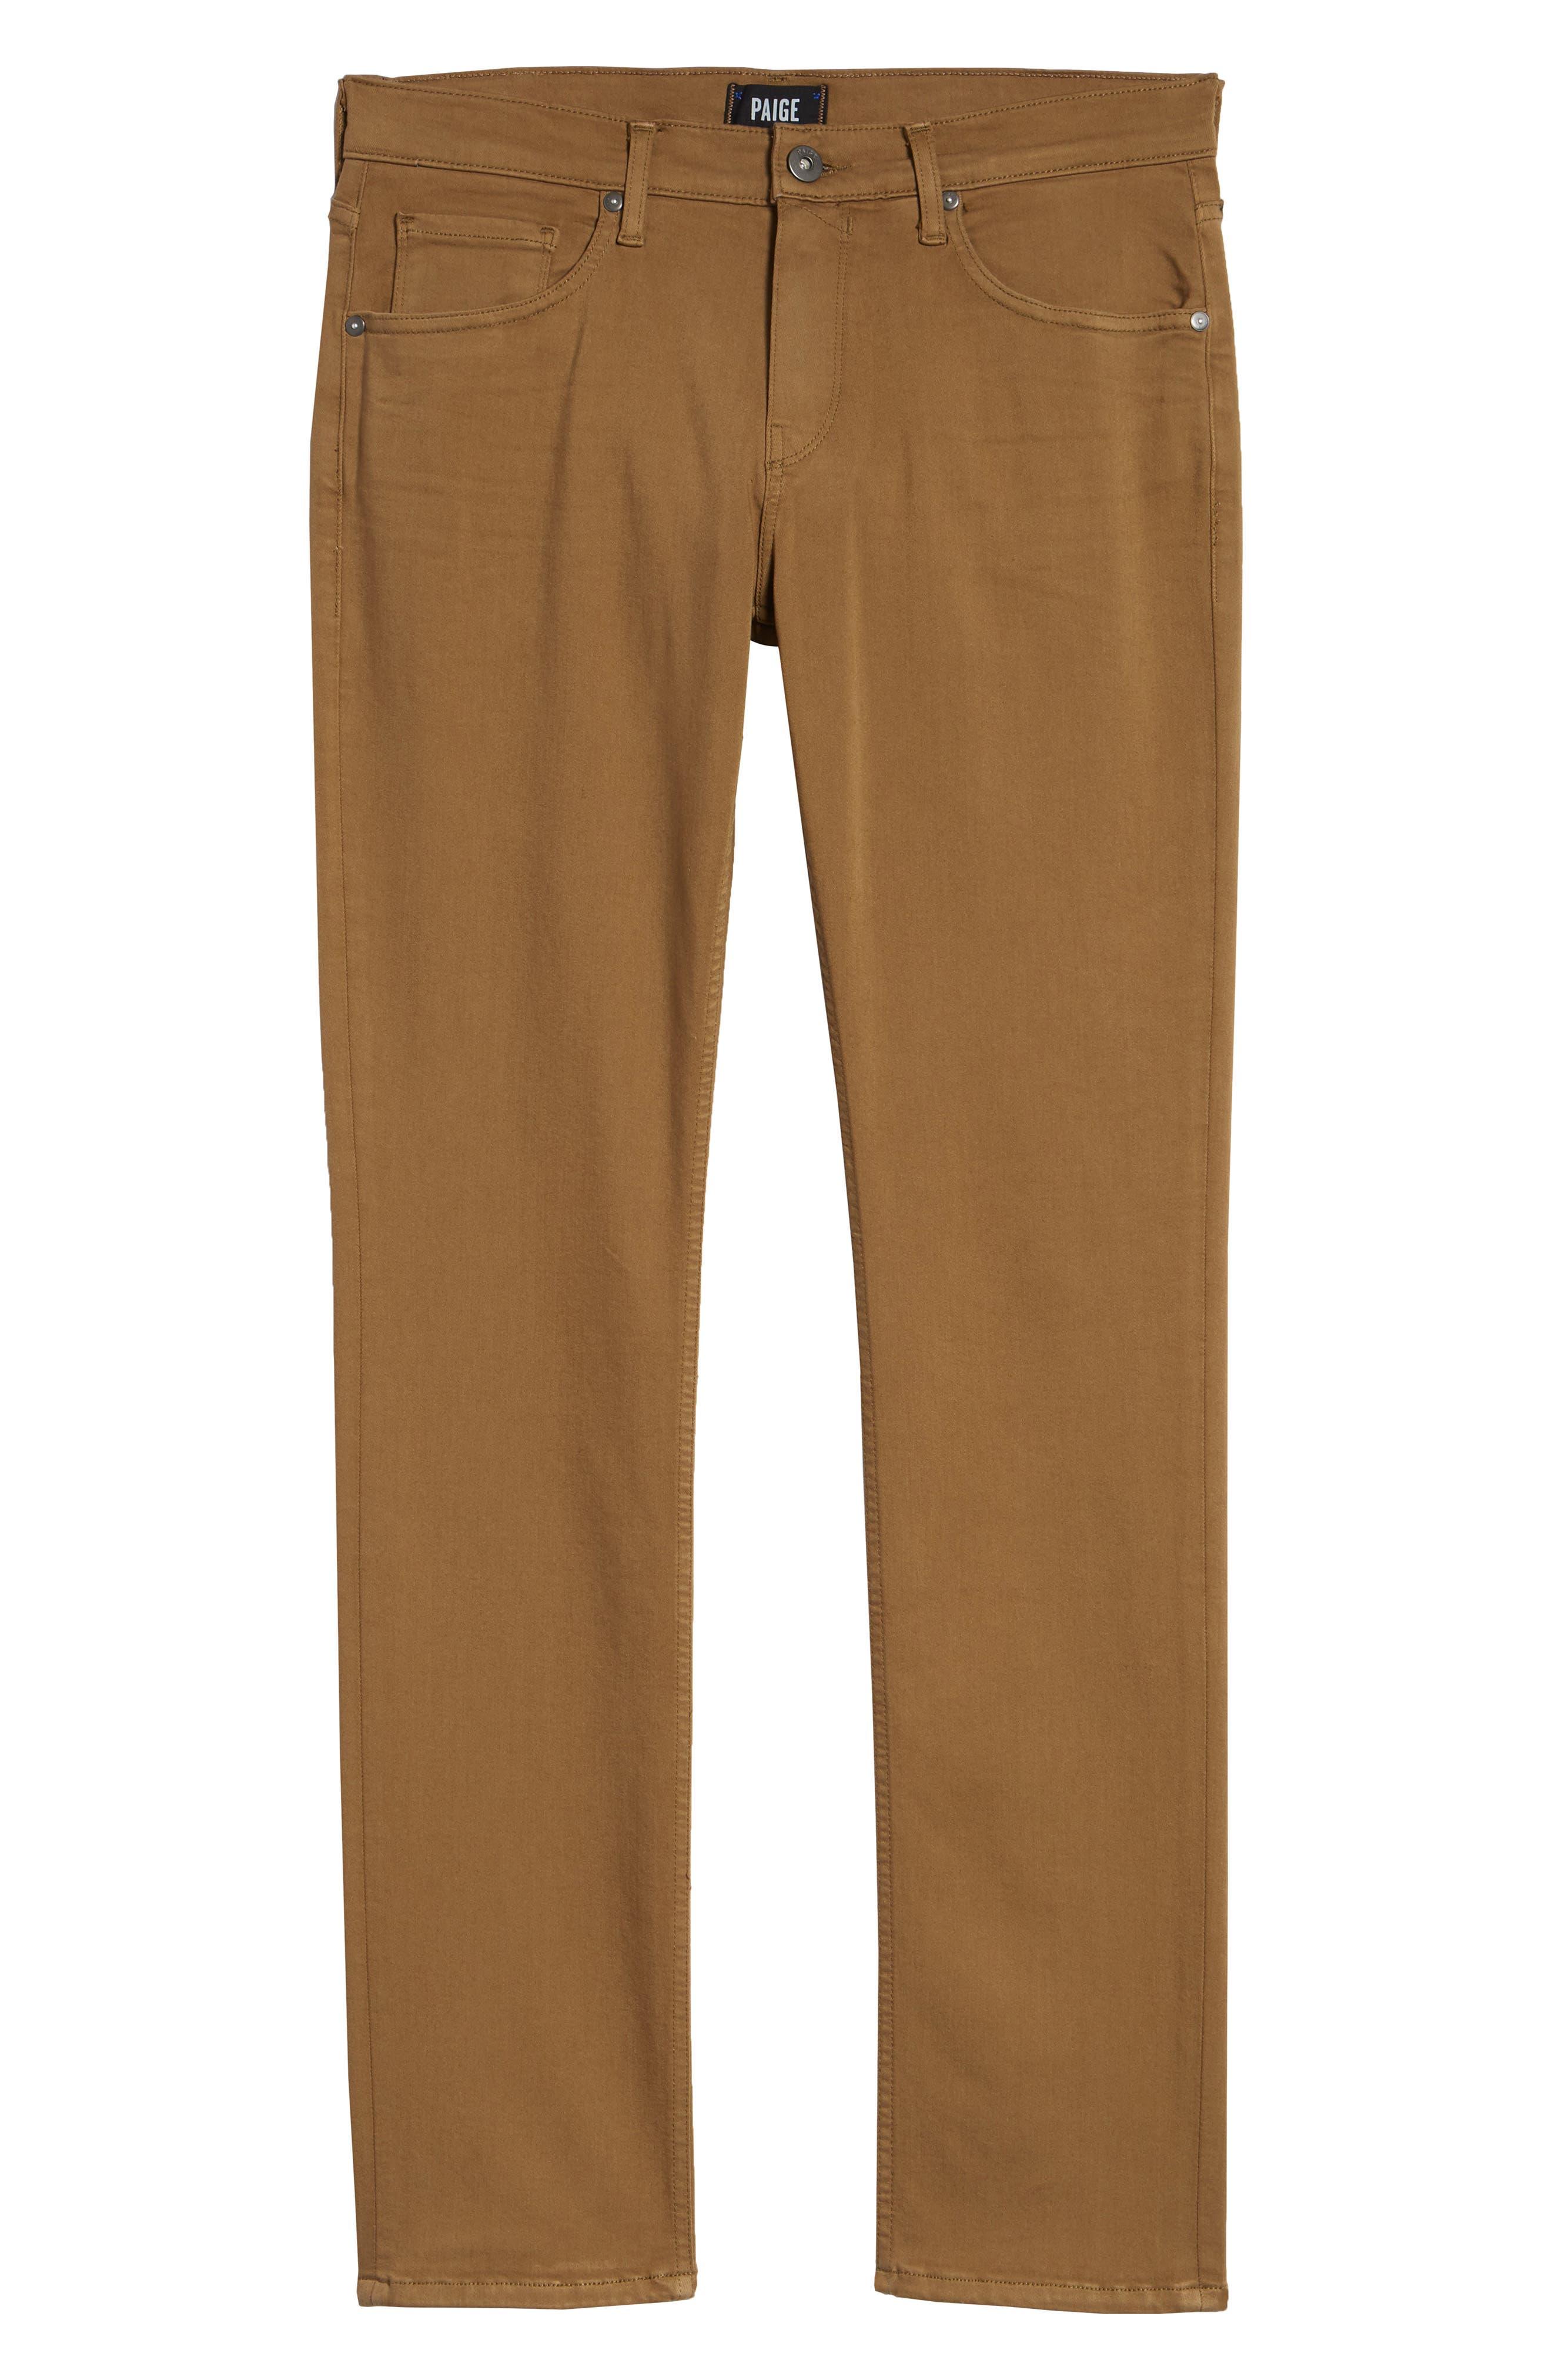 PAIGE, Transcend - Federal Slim Straight Leg Jeans, Alternate thumbnail 6, color, LAUREL TAN